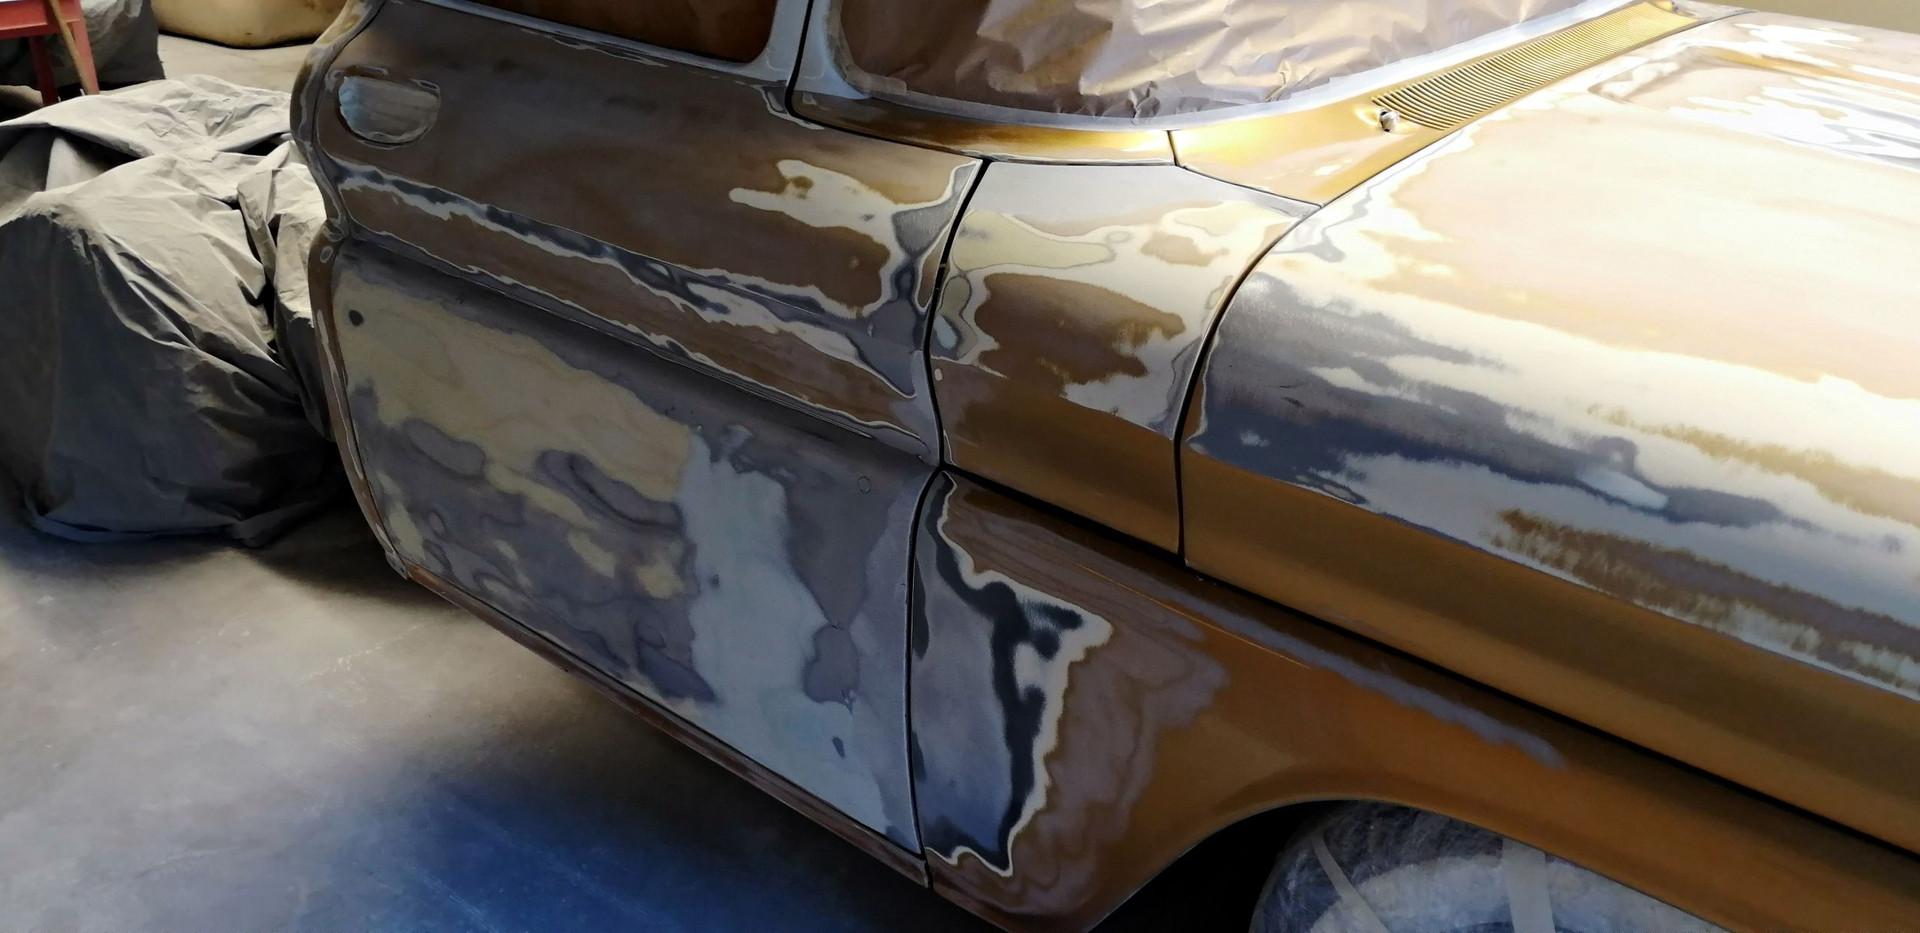 CHEVROLET C10 - Poncage de la peinture